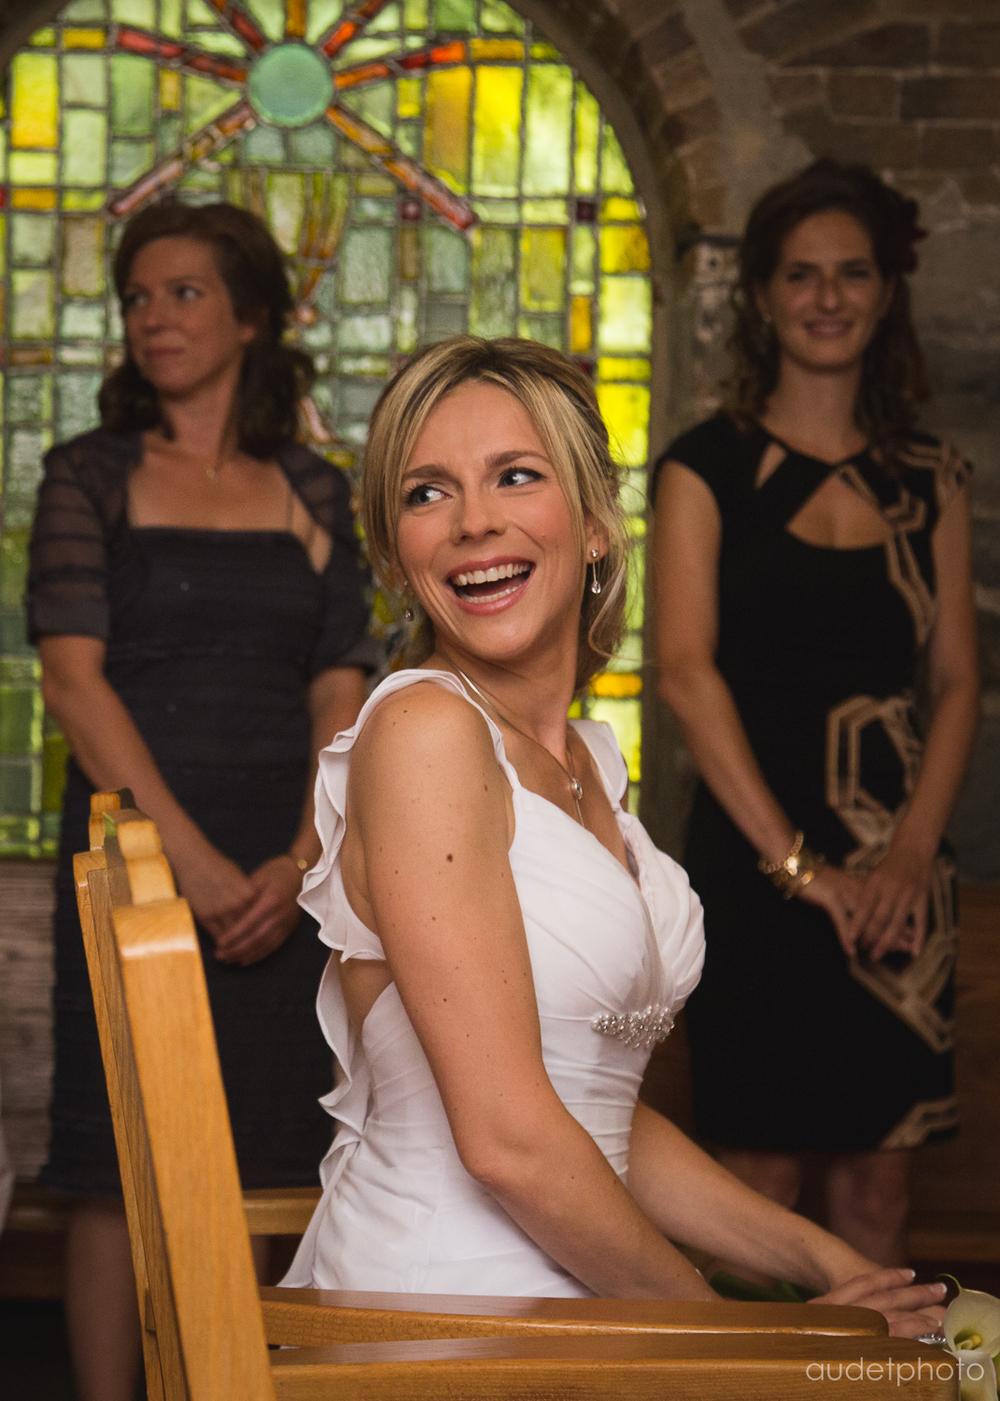 audet_photo_mariage_véro_alex_06